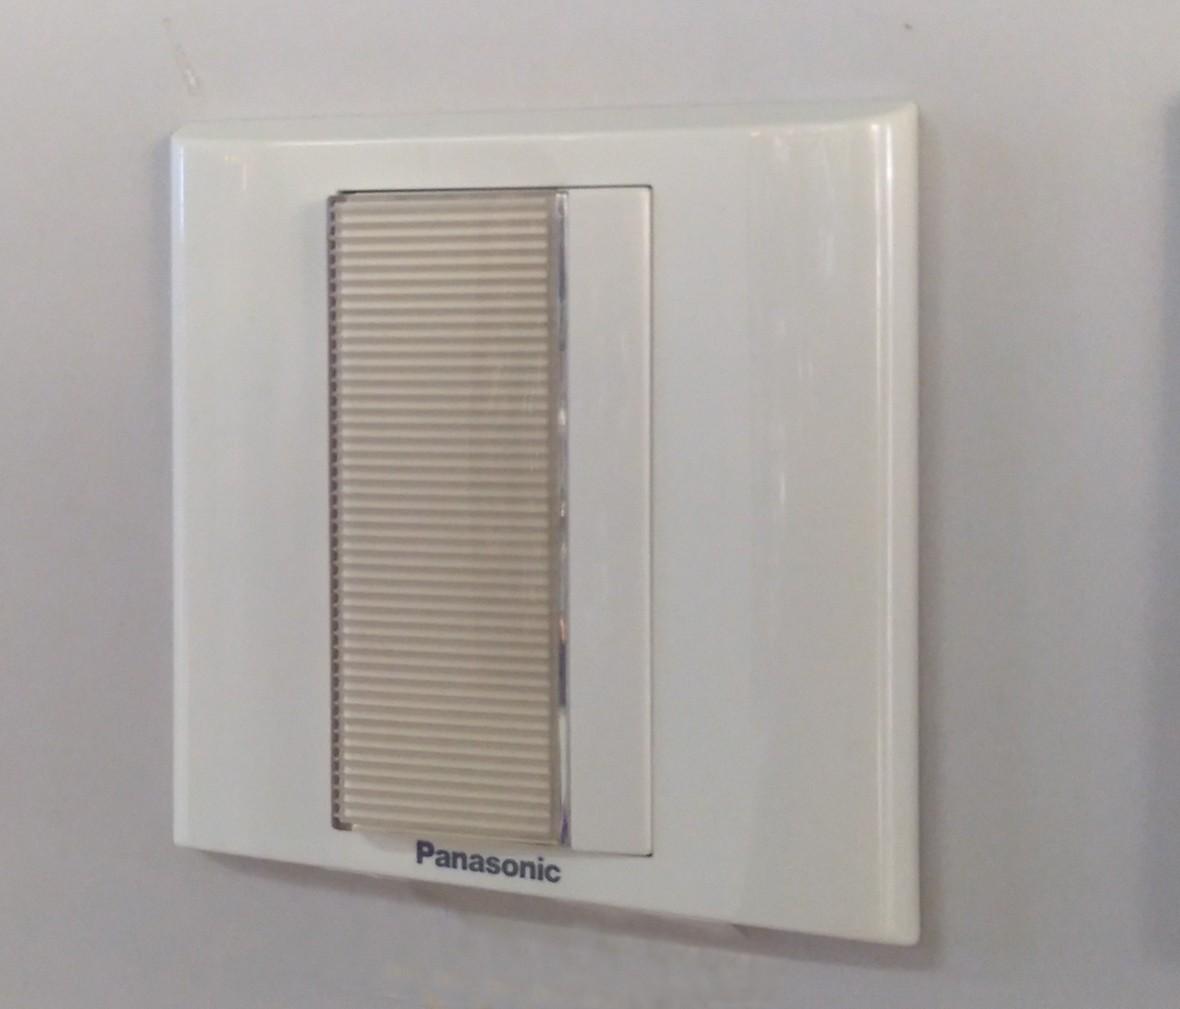 松下灯饰 亮彩系列 一开开关 耐高温 防漏电 PC材质 实拍